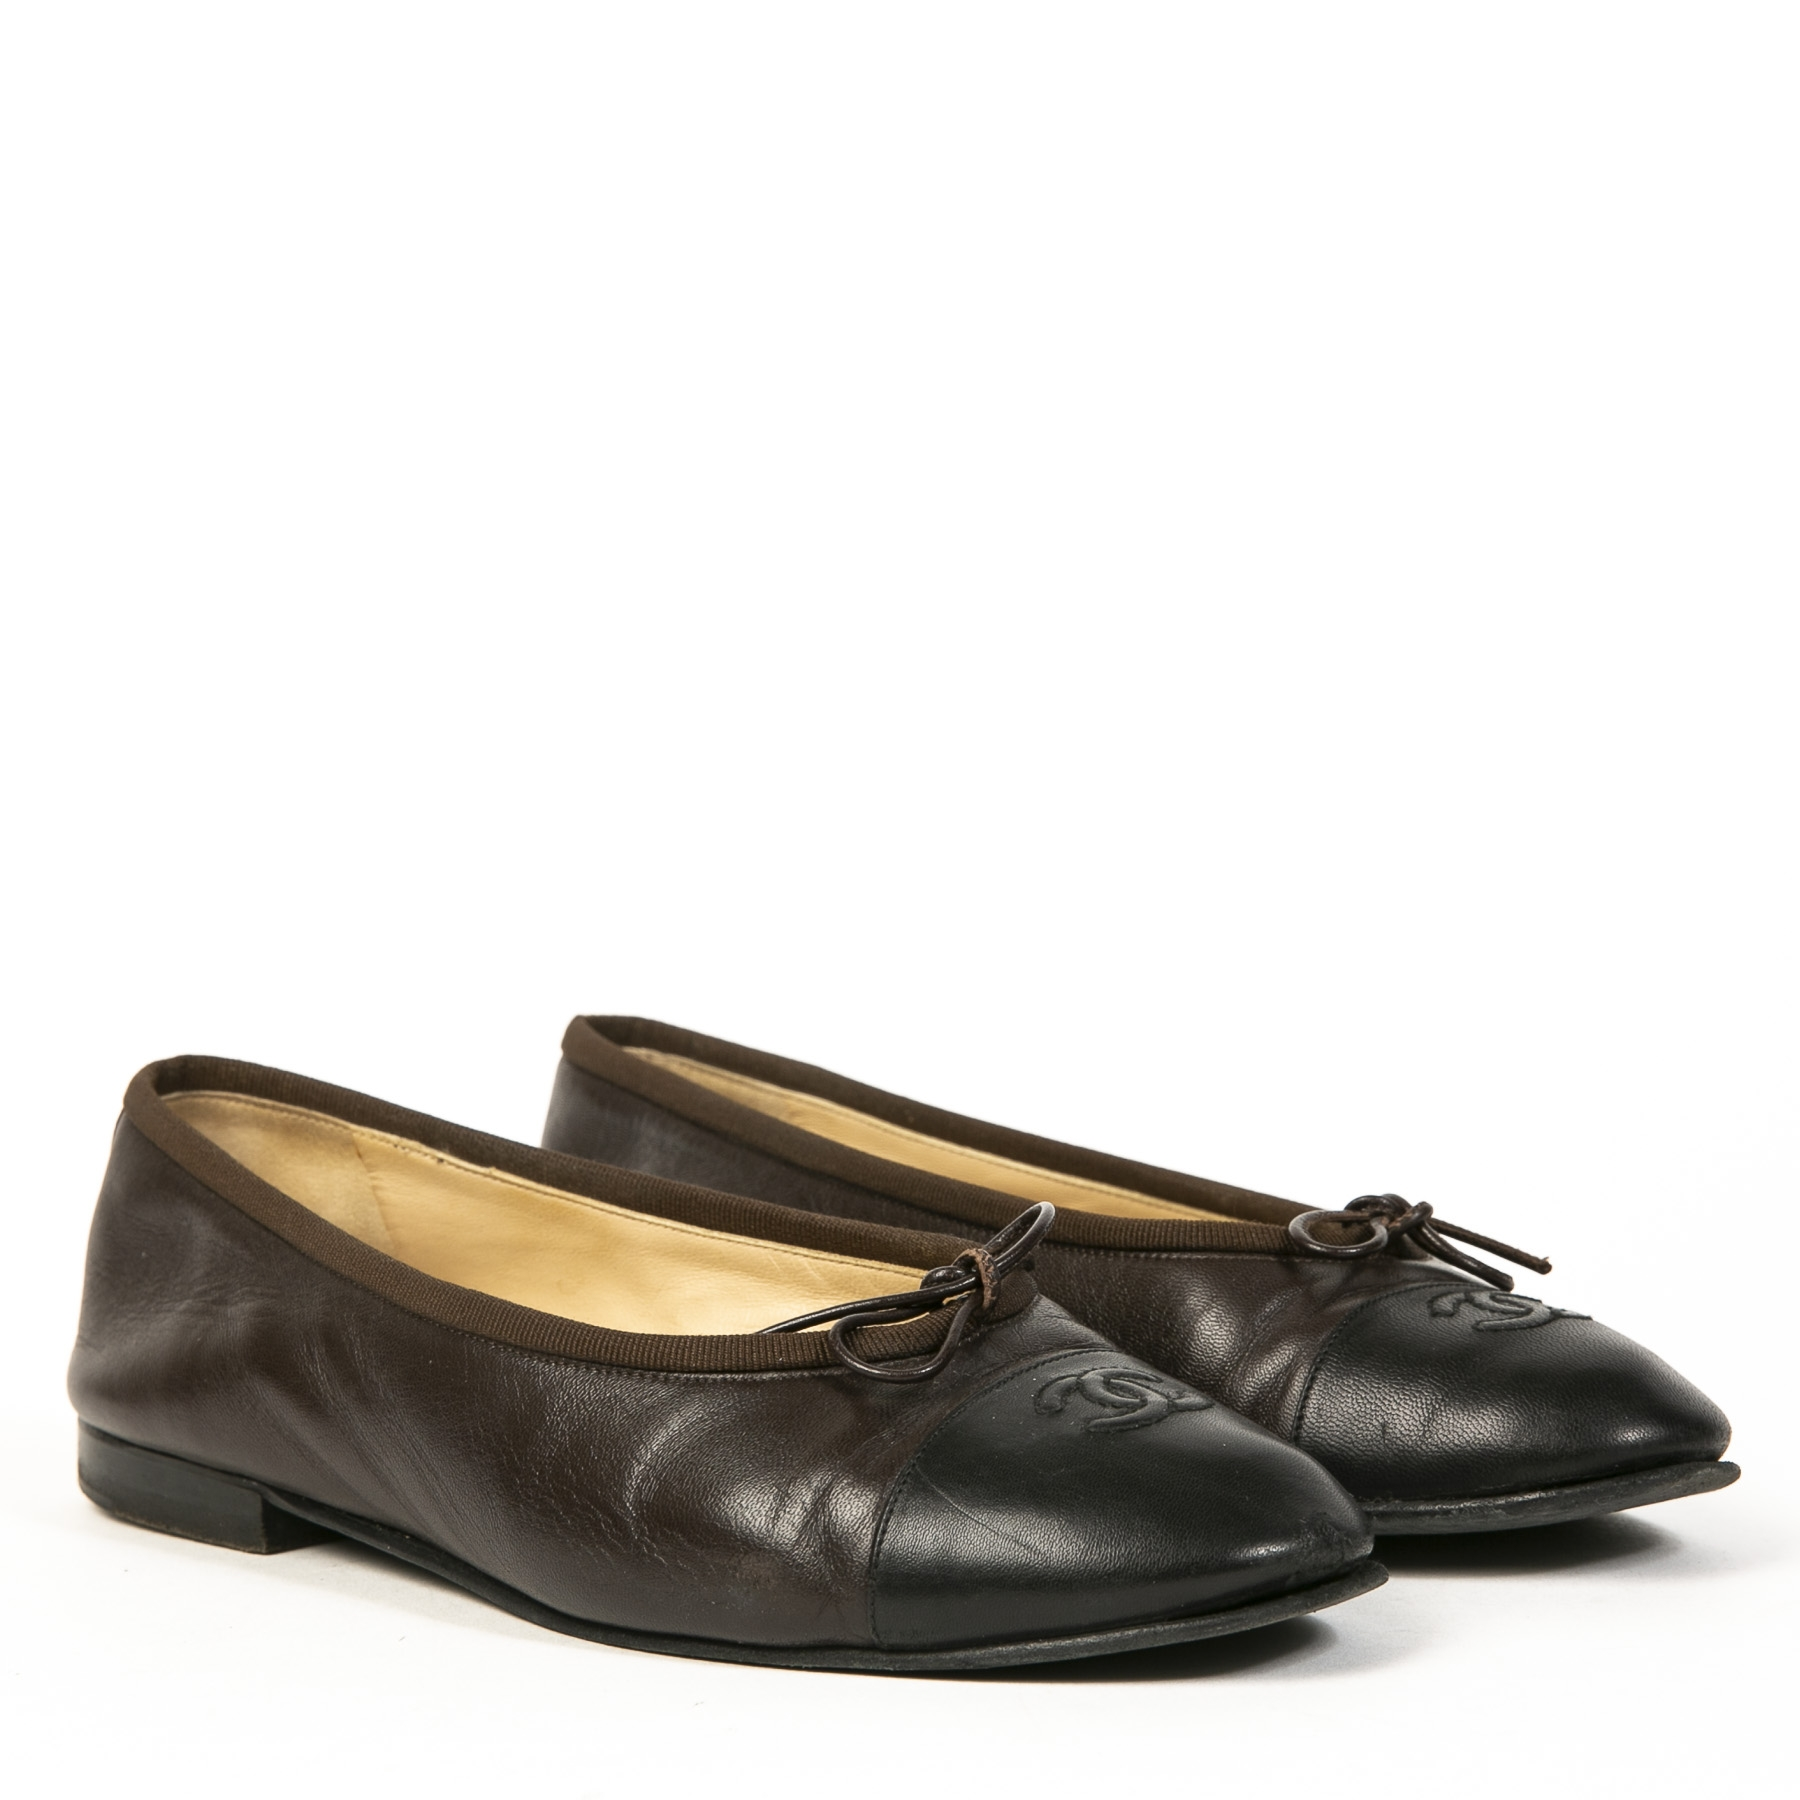 Authentieke tweedehands vintage Chanel Brown Bow Ballet Flats koop online webshop LabelLOV